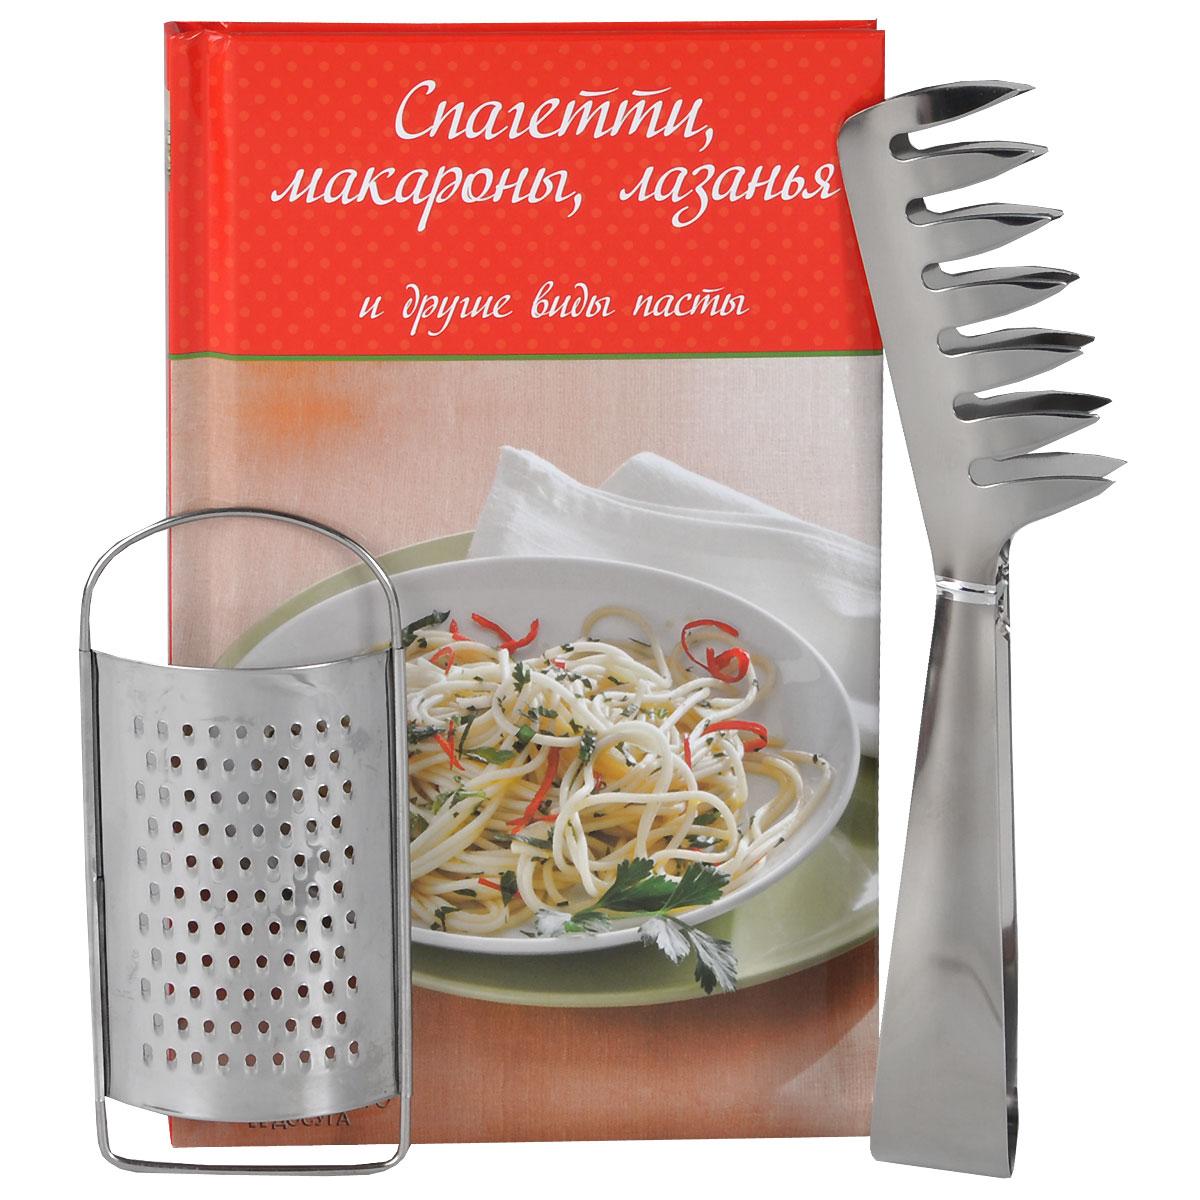 Спагетти, макароны, лазанья и другие виды пасты (+ терка для сыра и щипцы для спагетти)